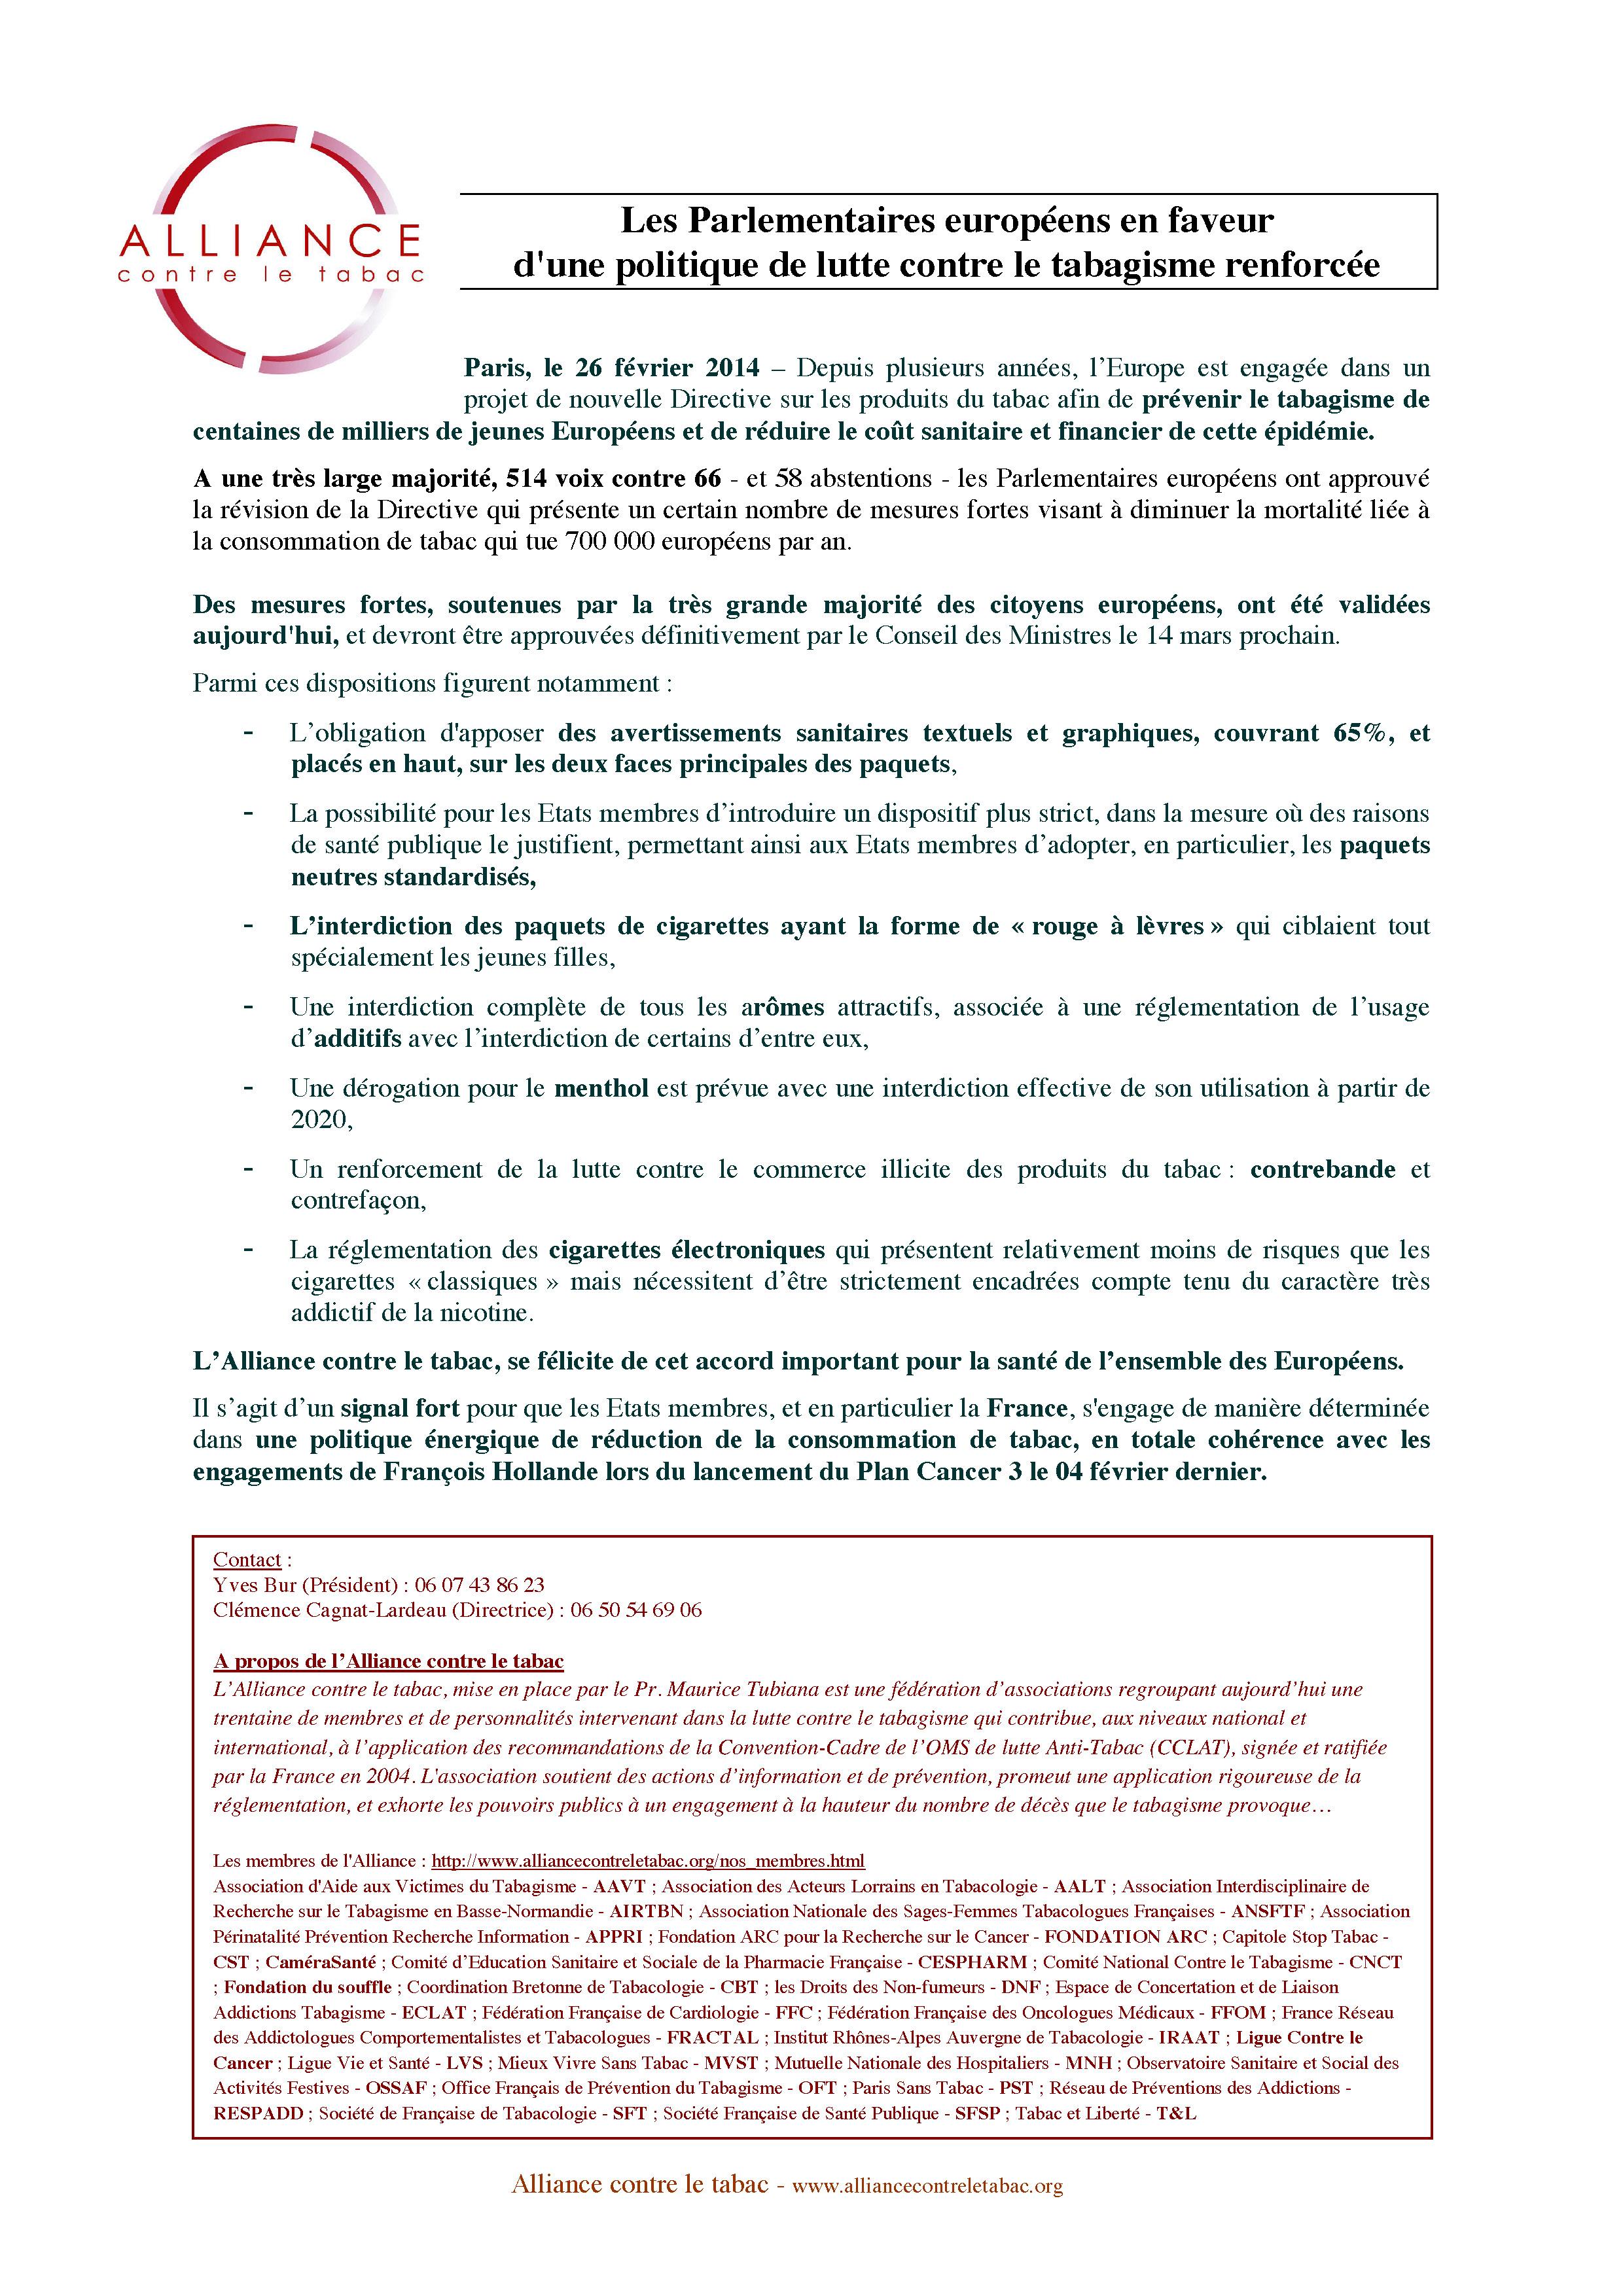 Alliance CP_les-parlementaires-europeens-en-faveur-d-une-politique-de-lutte-contre le-tabagisme-renforcee-26fev2014.jpg